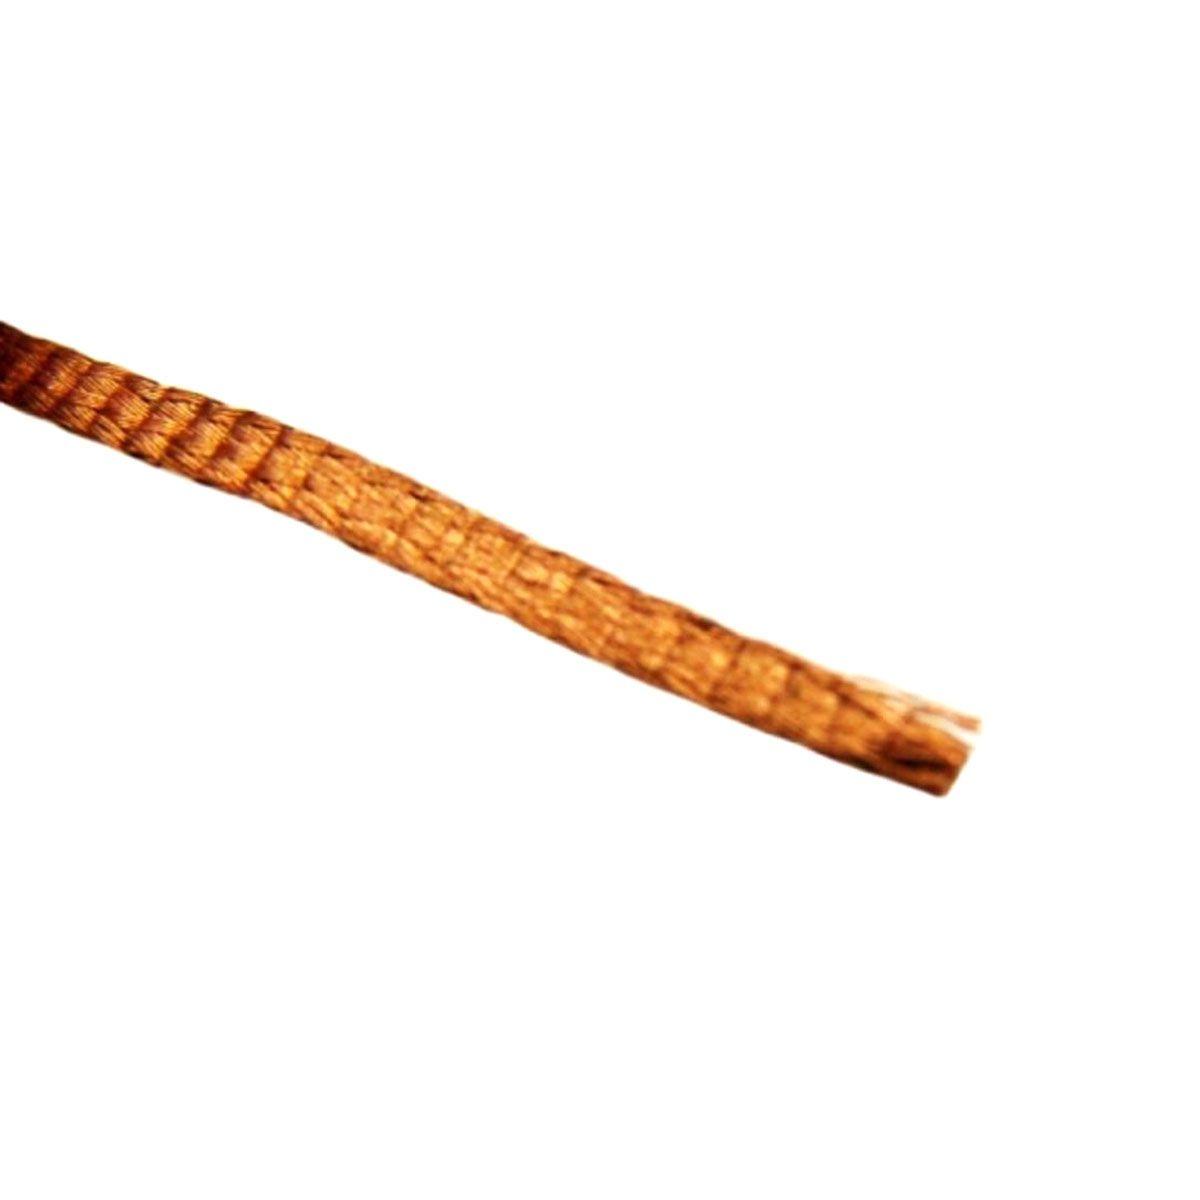 Fita Dessoldadora + 3x Tubinho de Solda / Estanho Cobix + 1x Esponja Vegetal